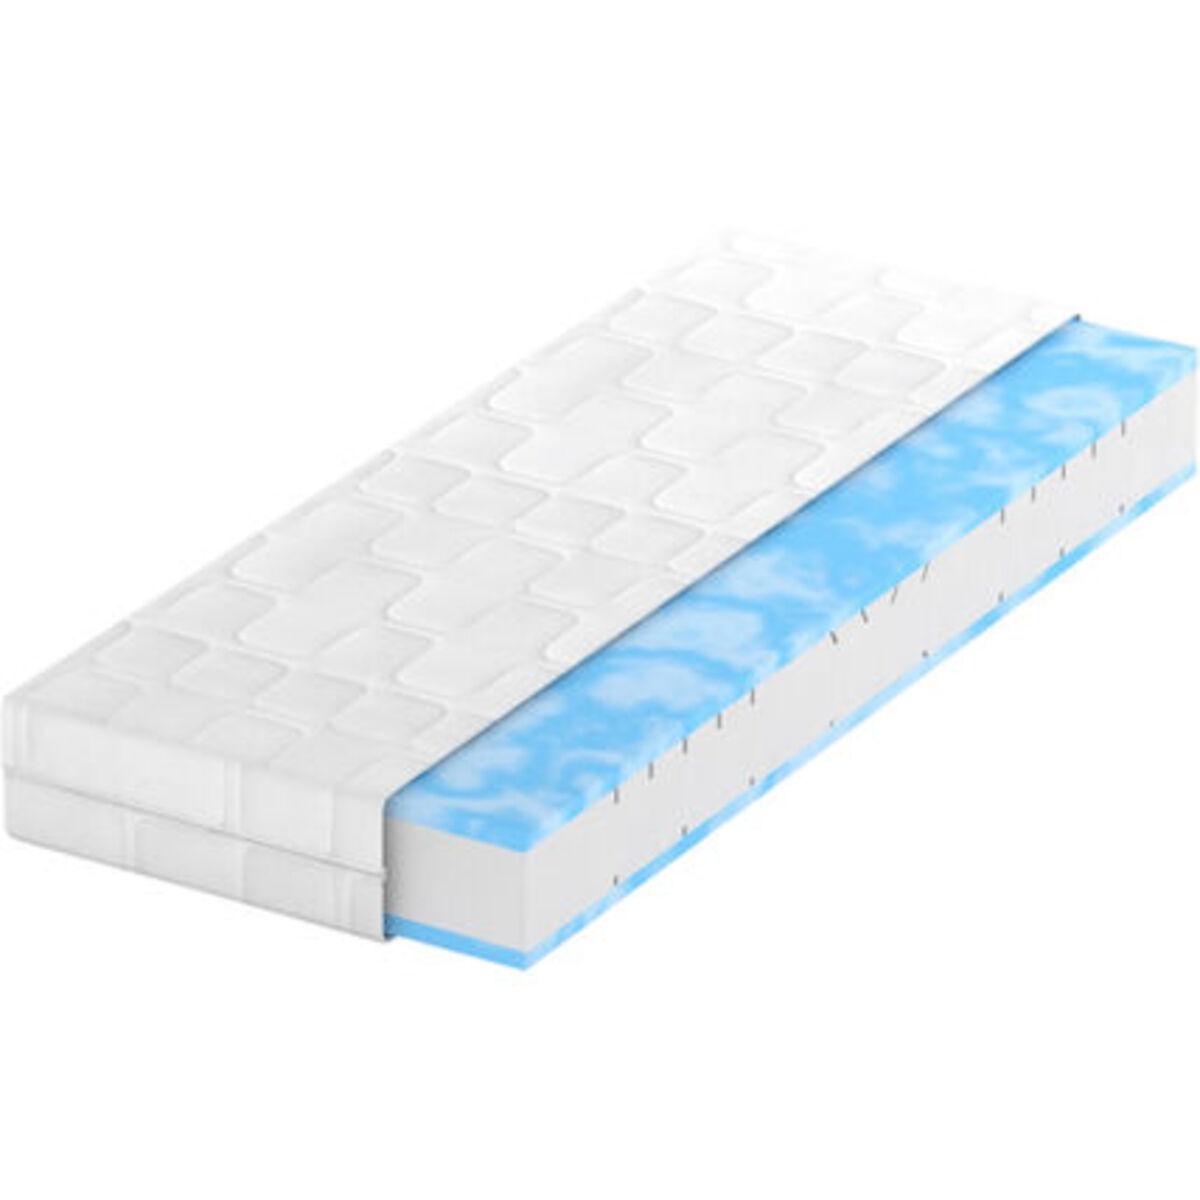 Bild 1 von BeCo Duo-Gel Comfort Komfortschaummatratze